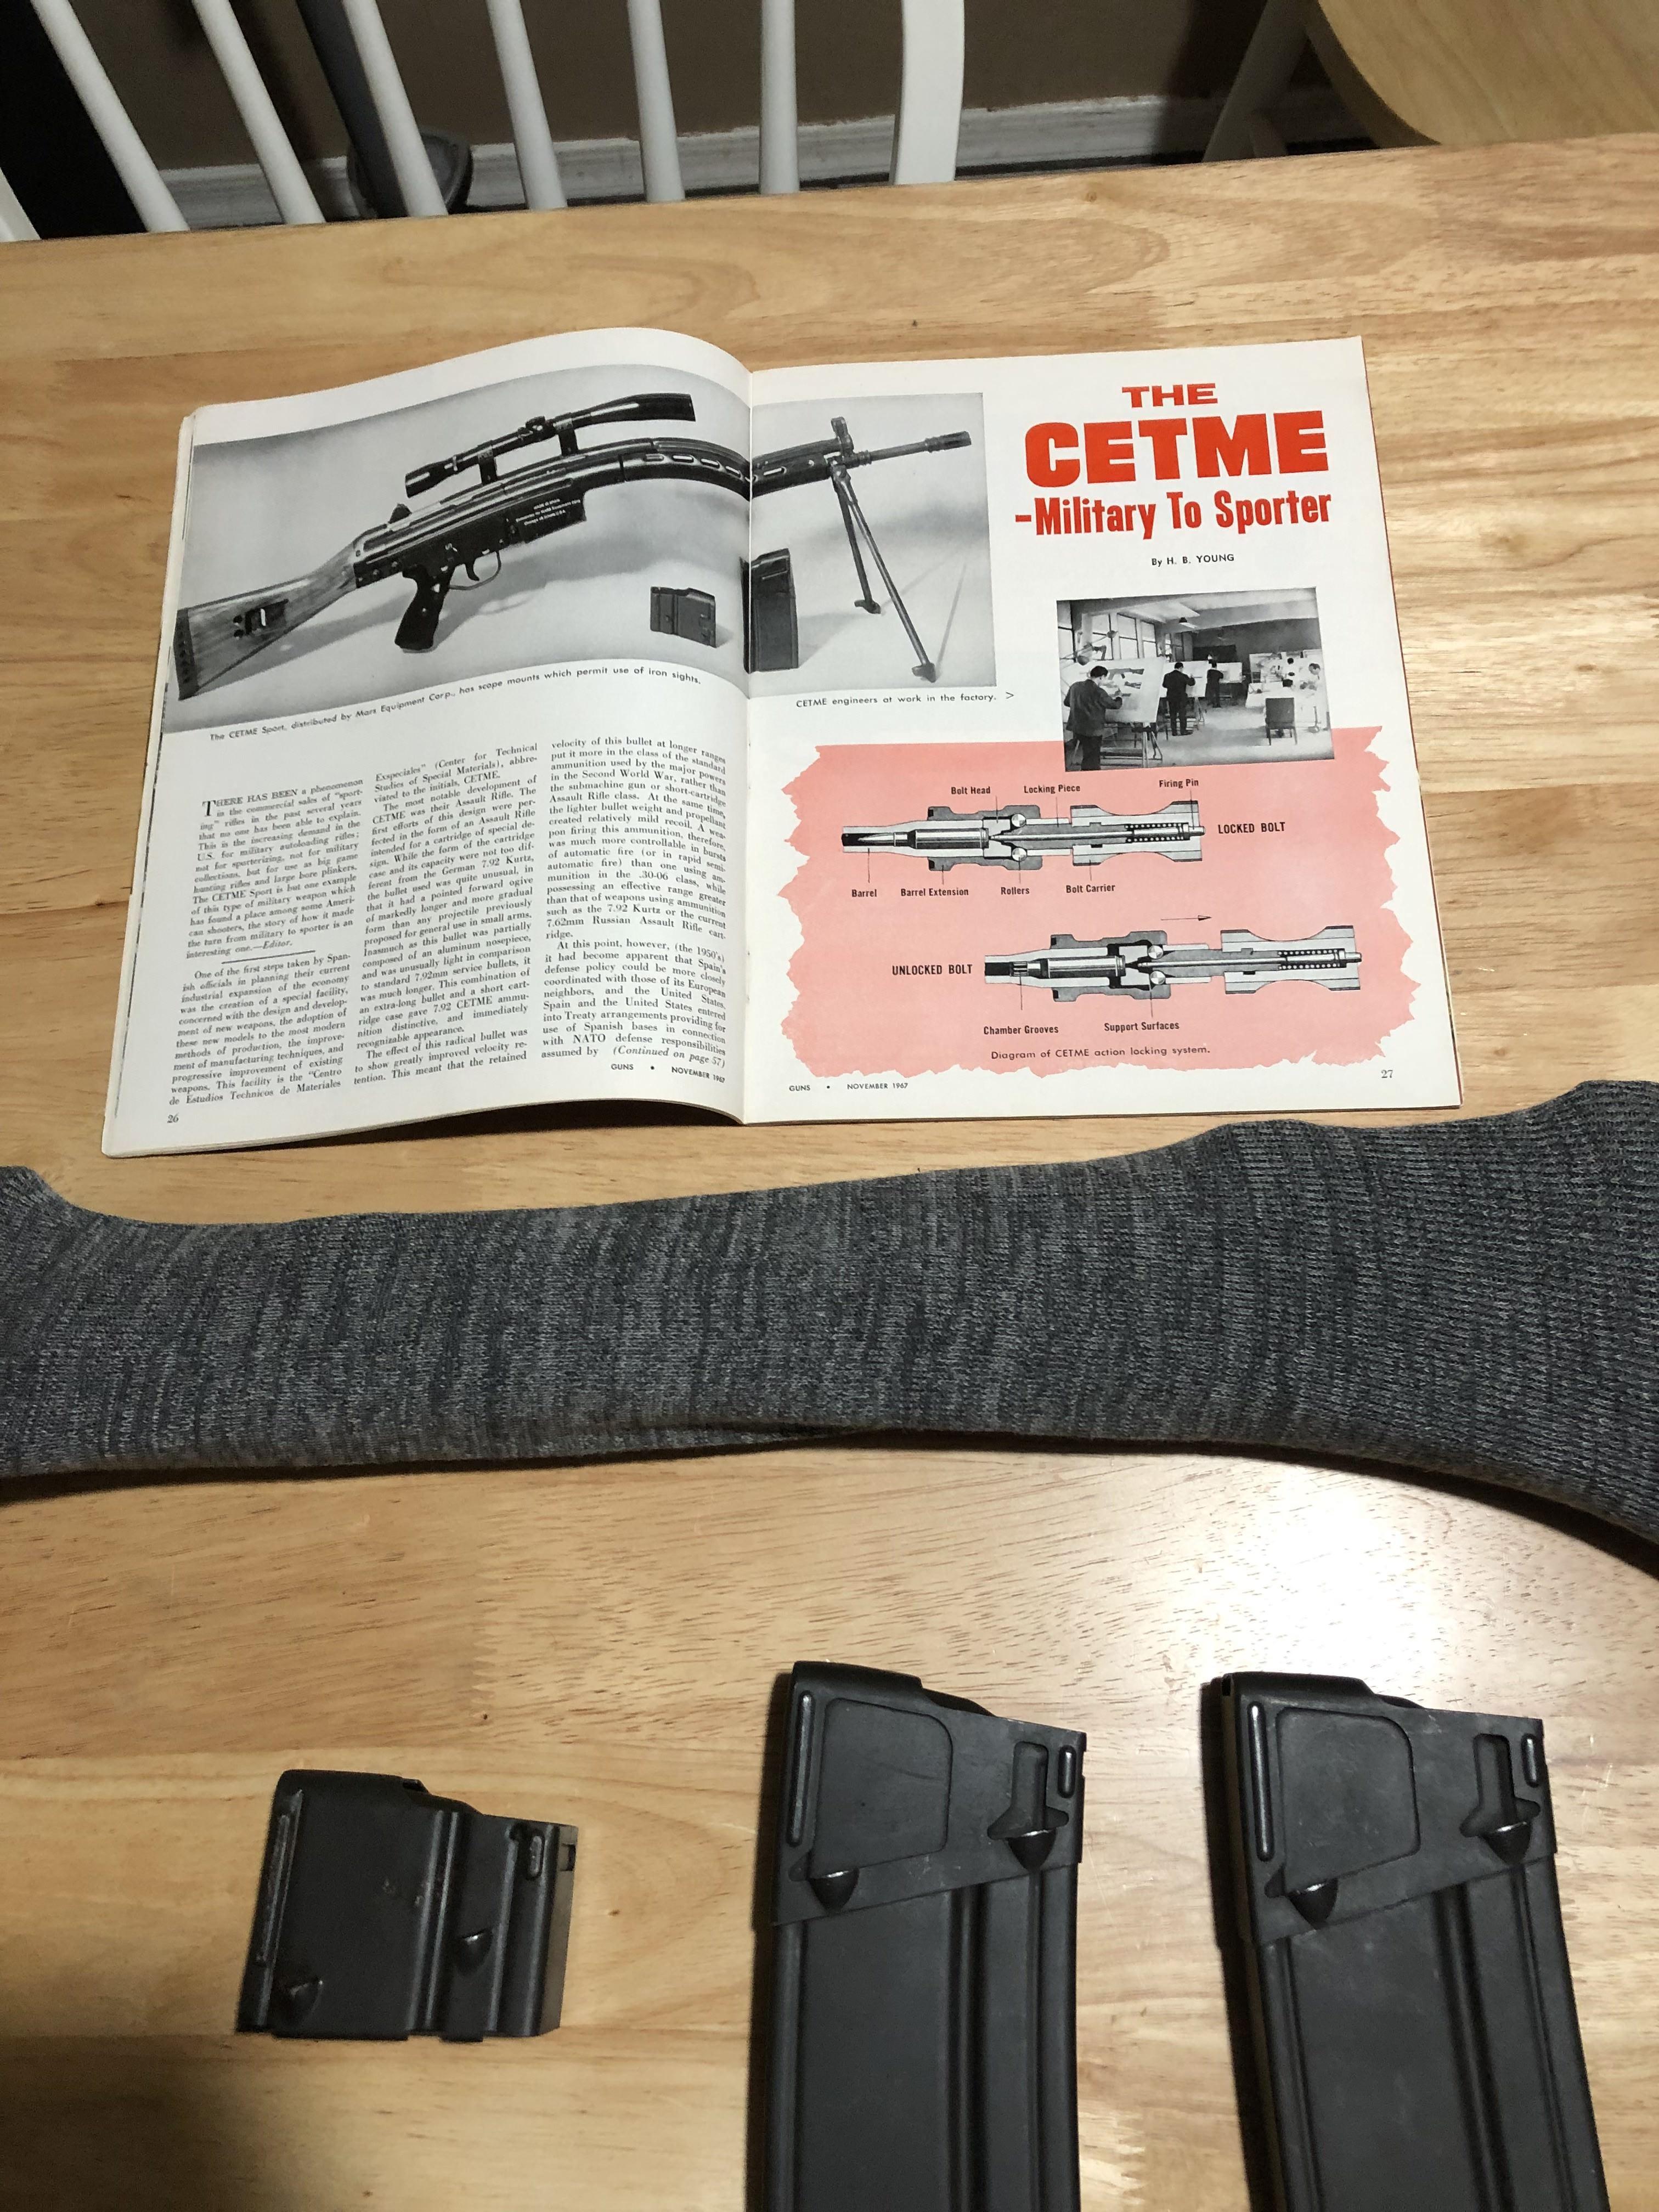 WTS/WTT: Rare! Cetme mars! Collector-cetme-37.jpg